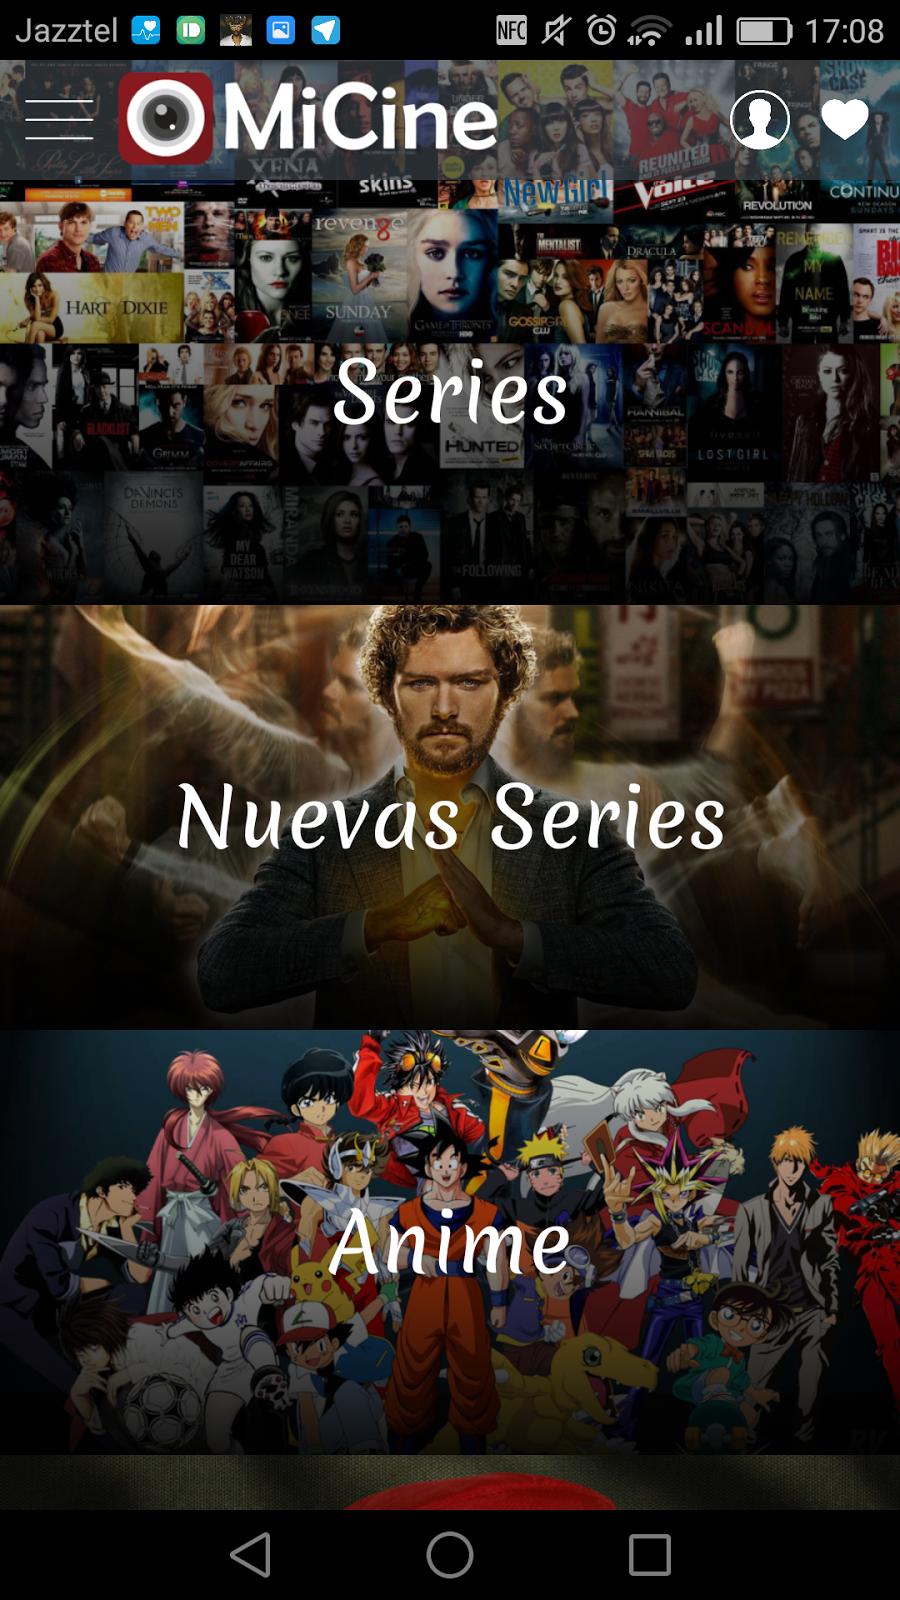 Micine peliculas de estreno tv online series musica for M estrenos